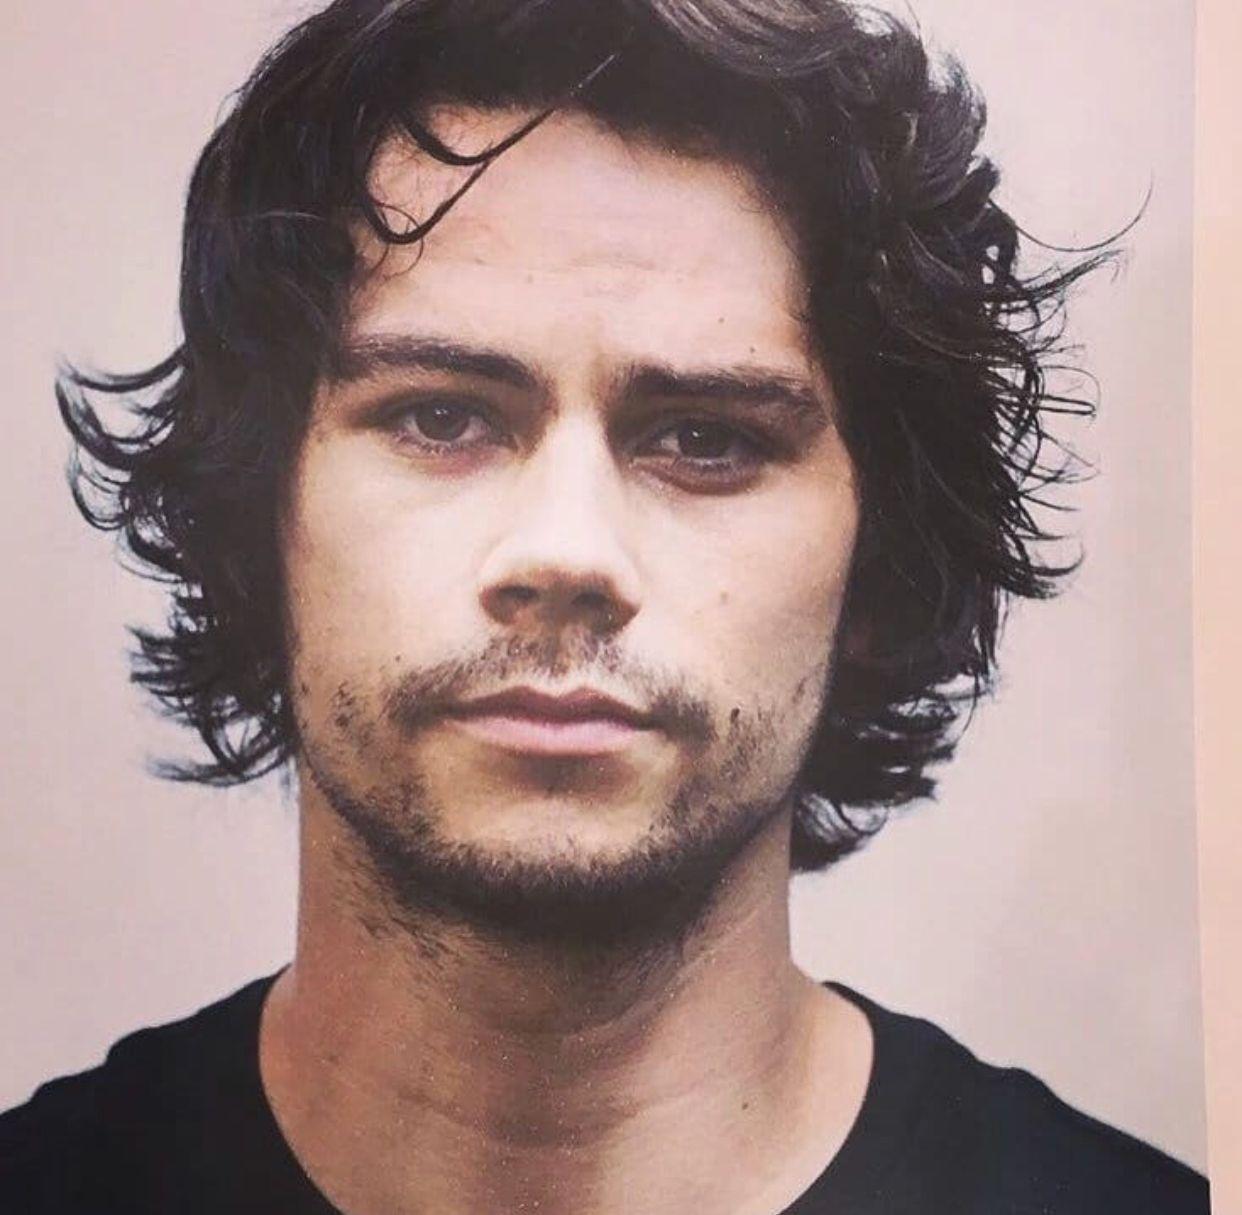 Dylan rafael